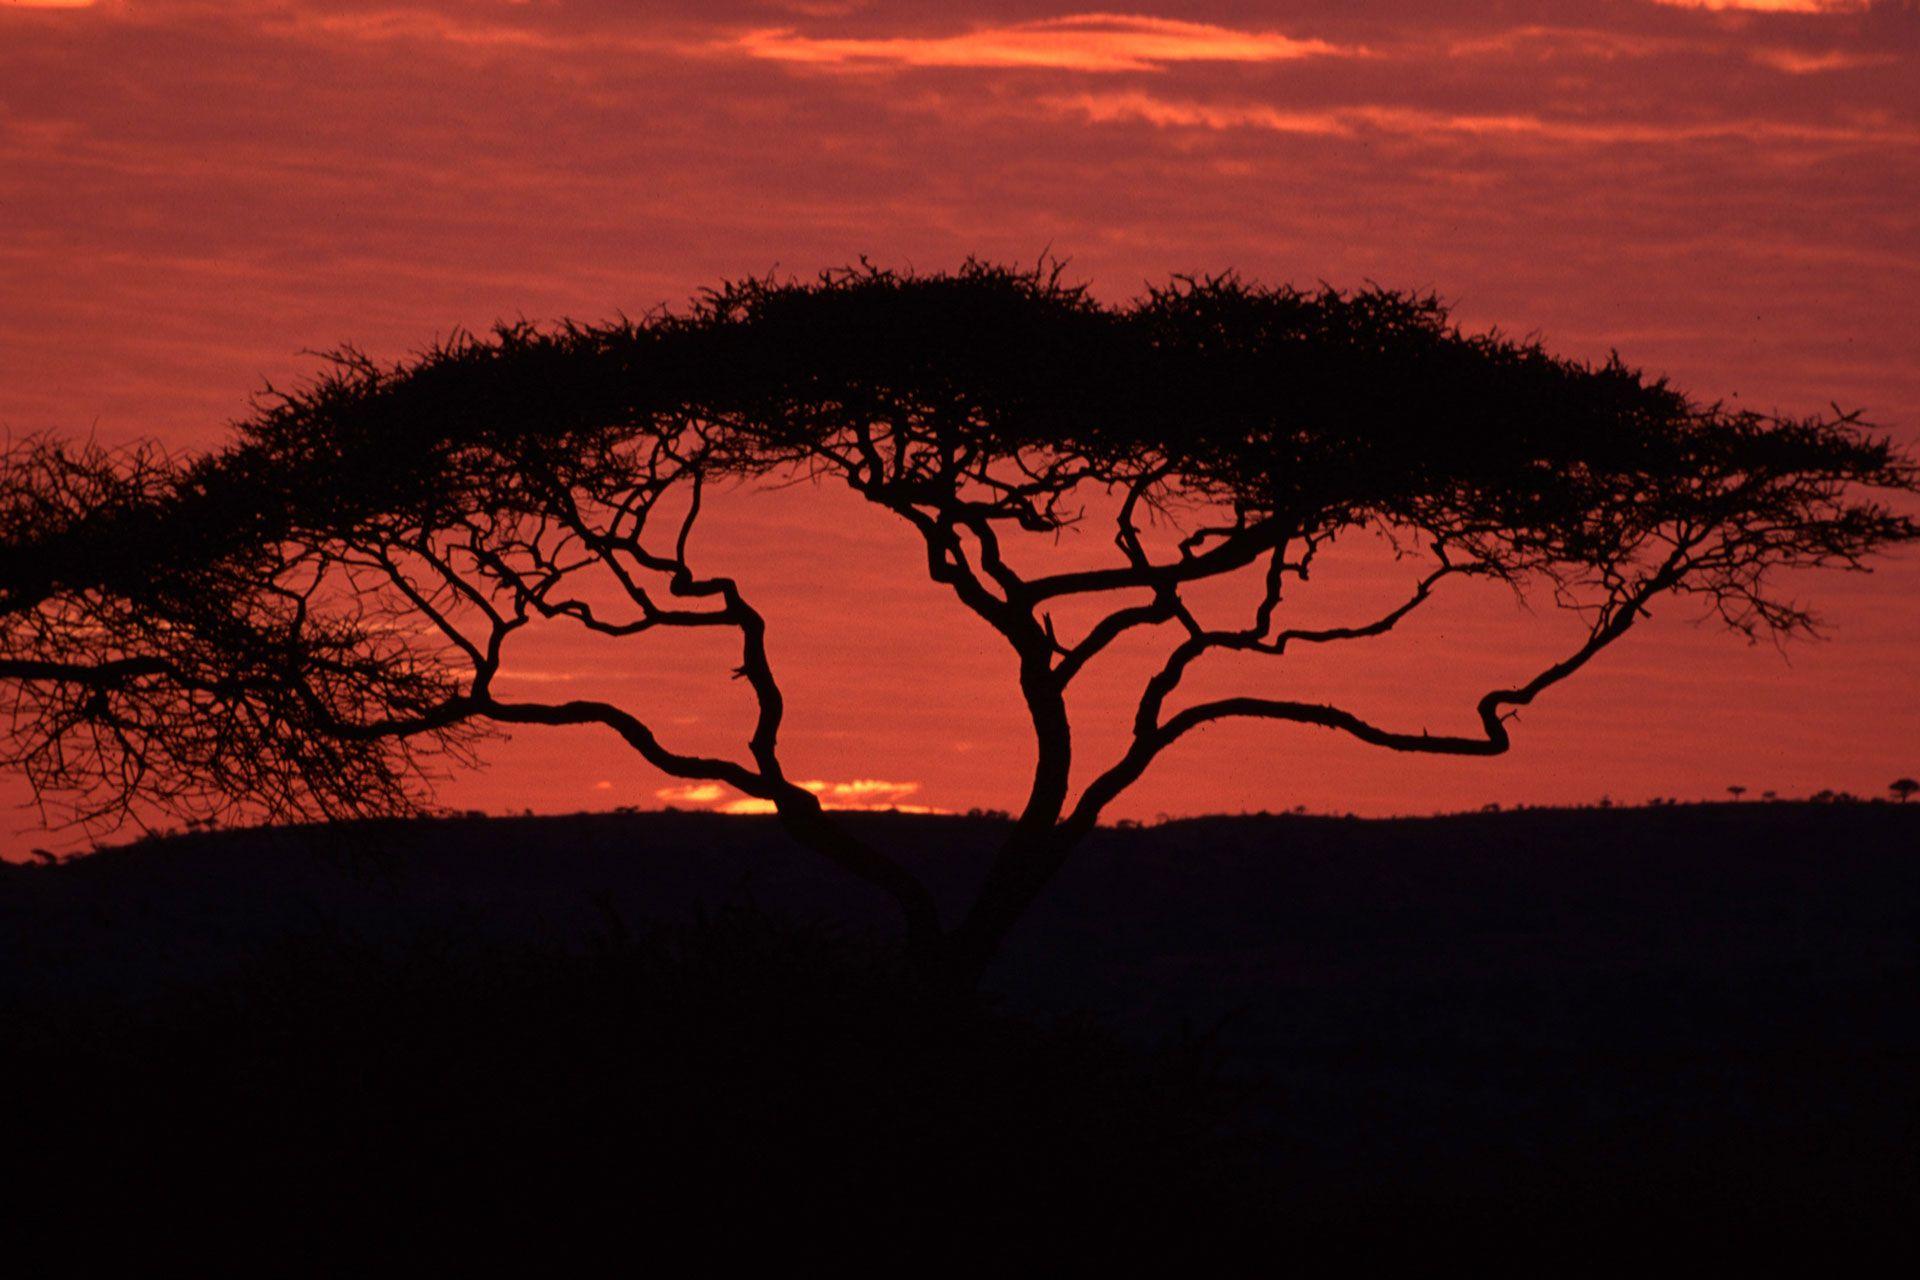 Umbrella Acacia (Acacia tortilis), Serengeti National Park, Tanzania. African sunset.